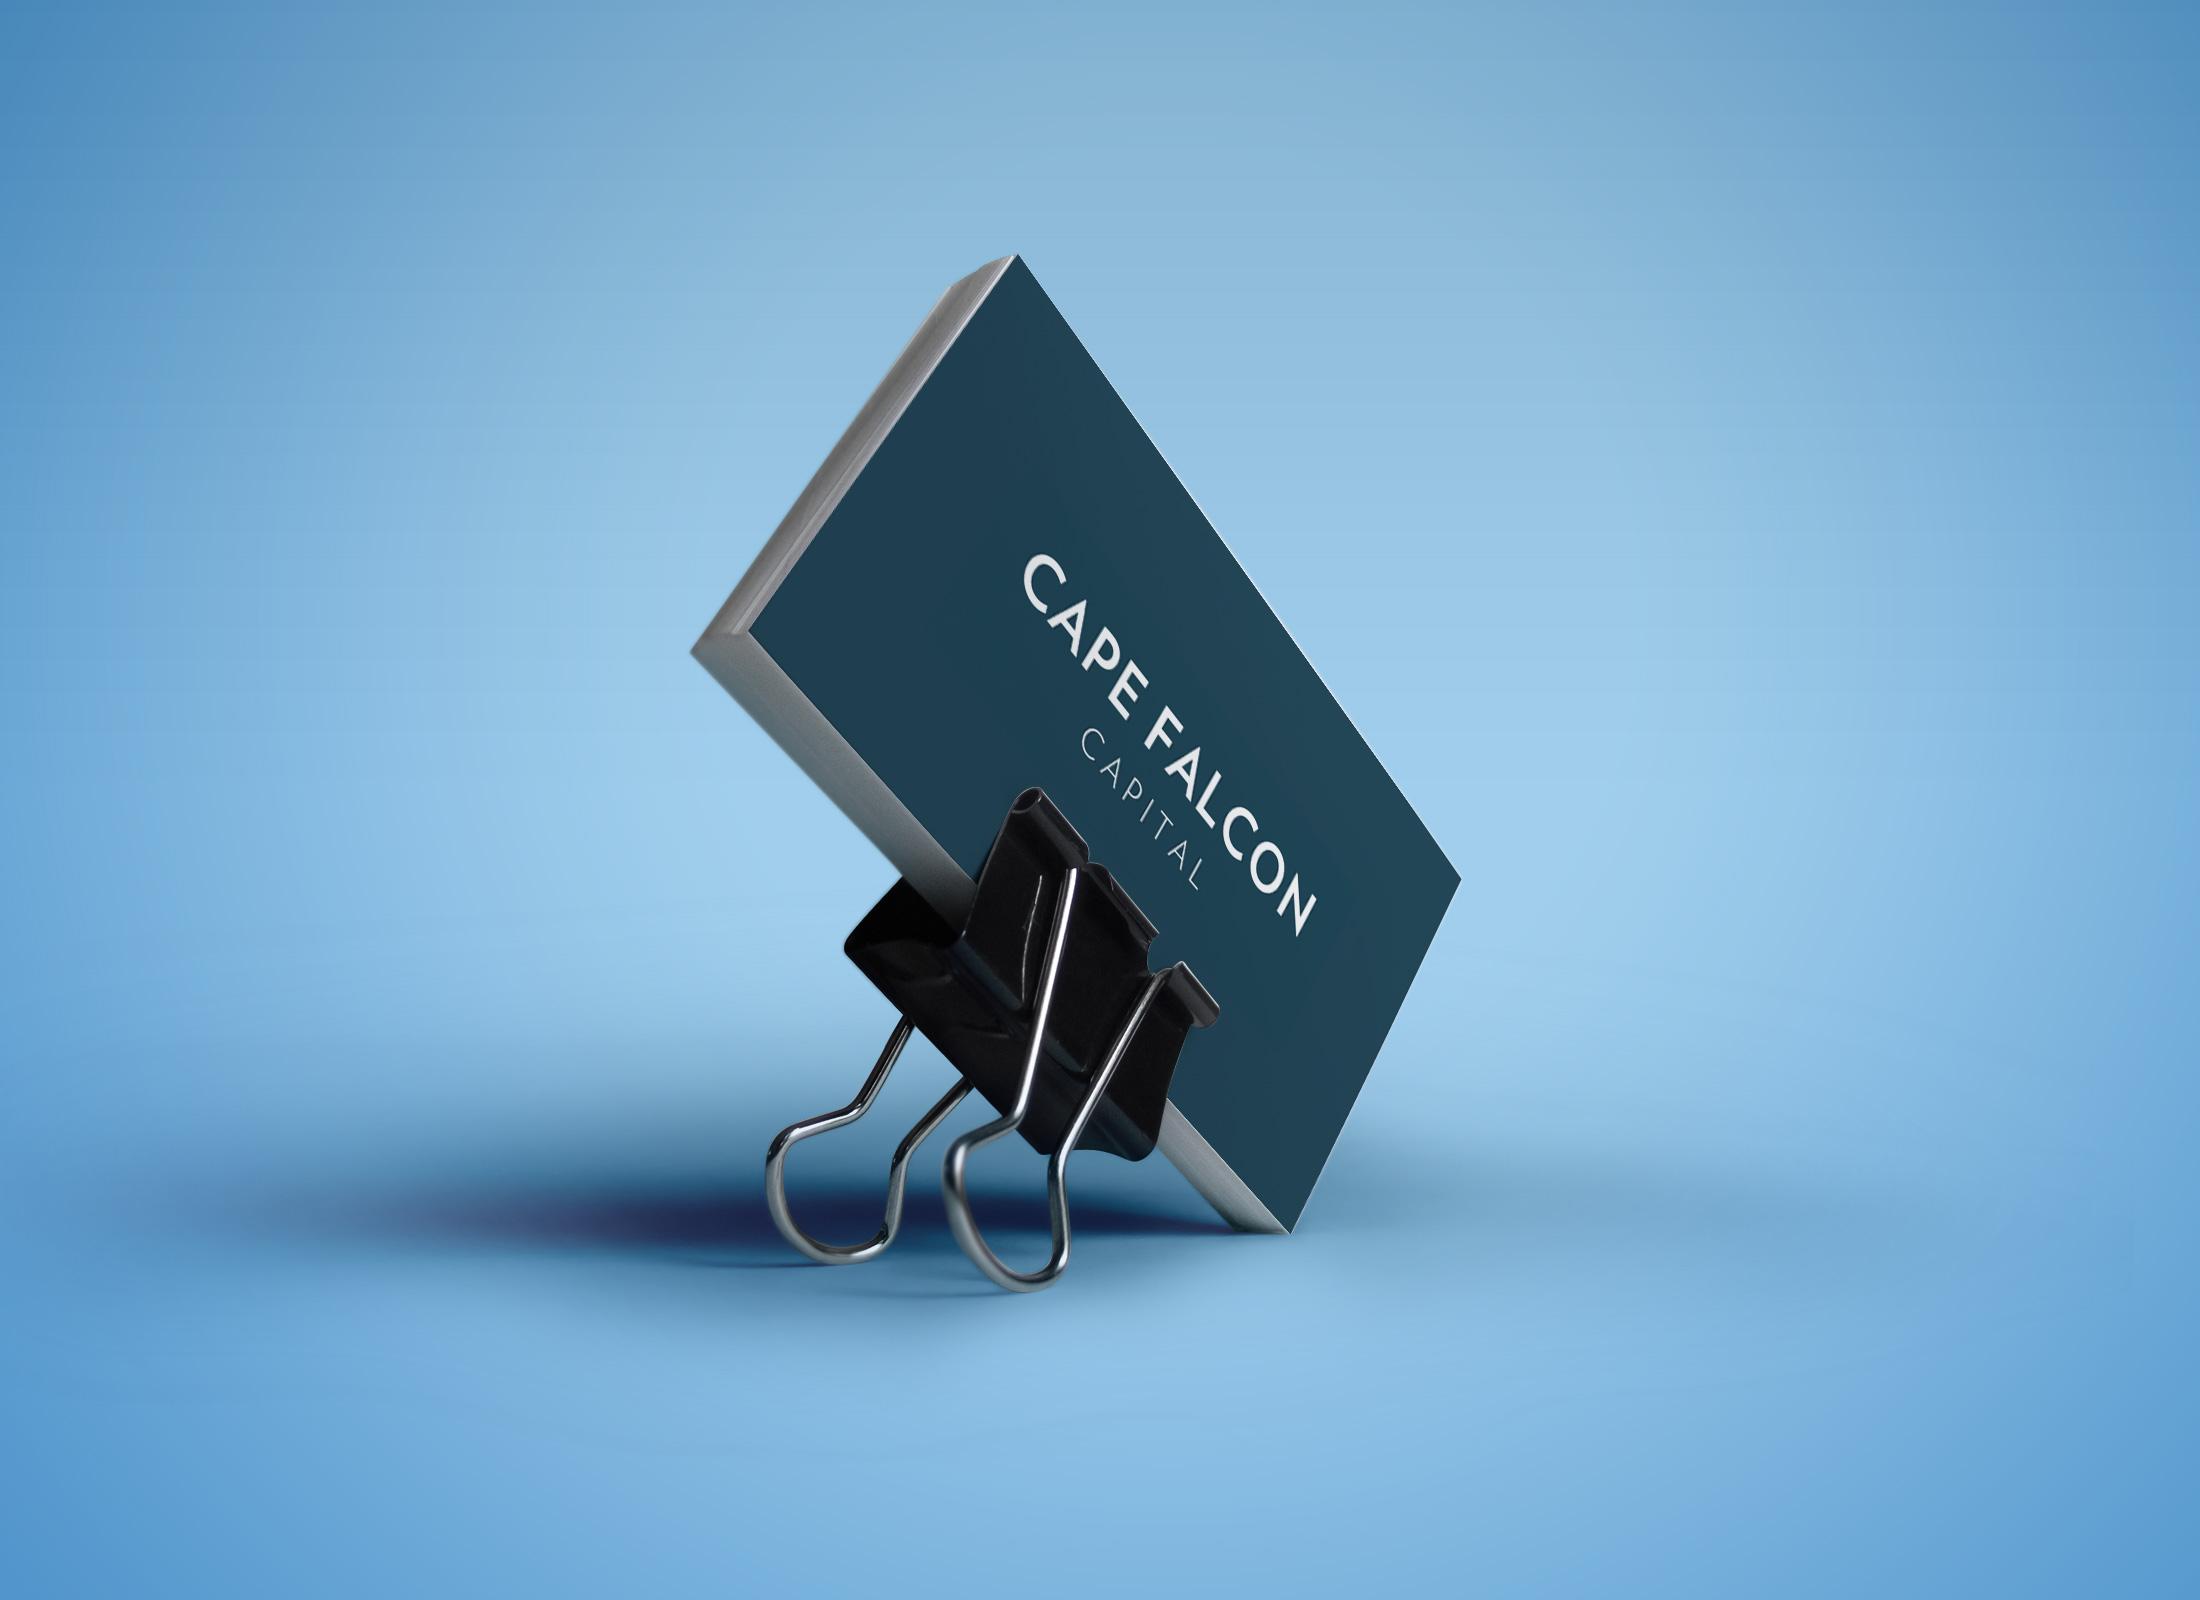 kim-gee-studio-graphic-design-cape-falcon-capital-business-card